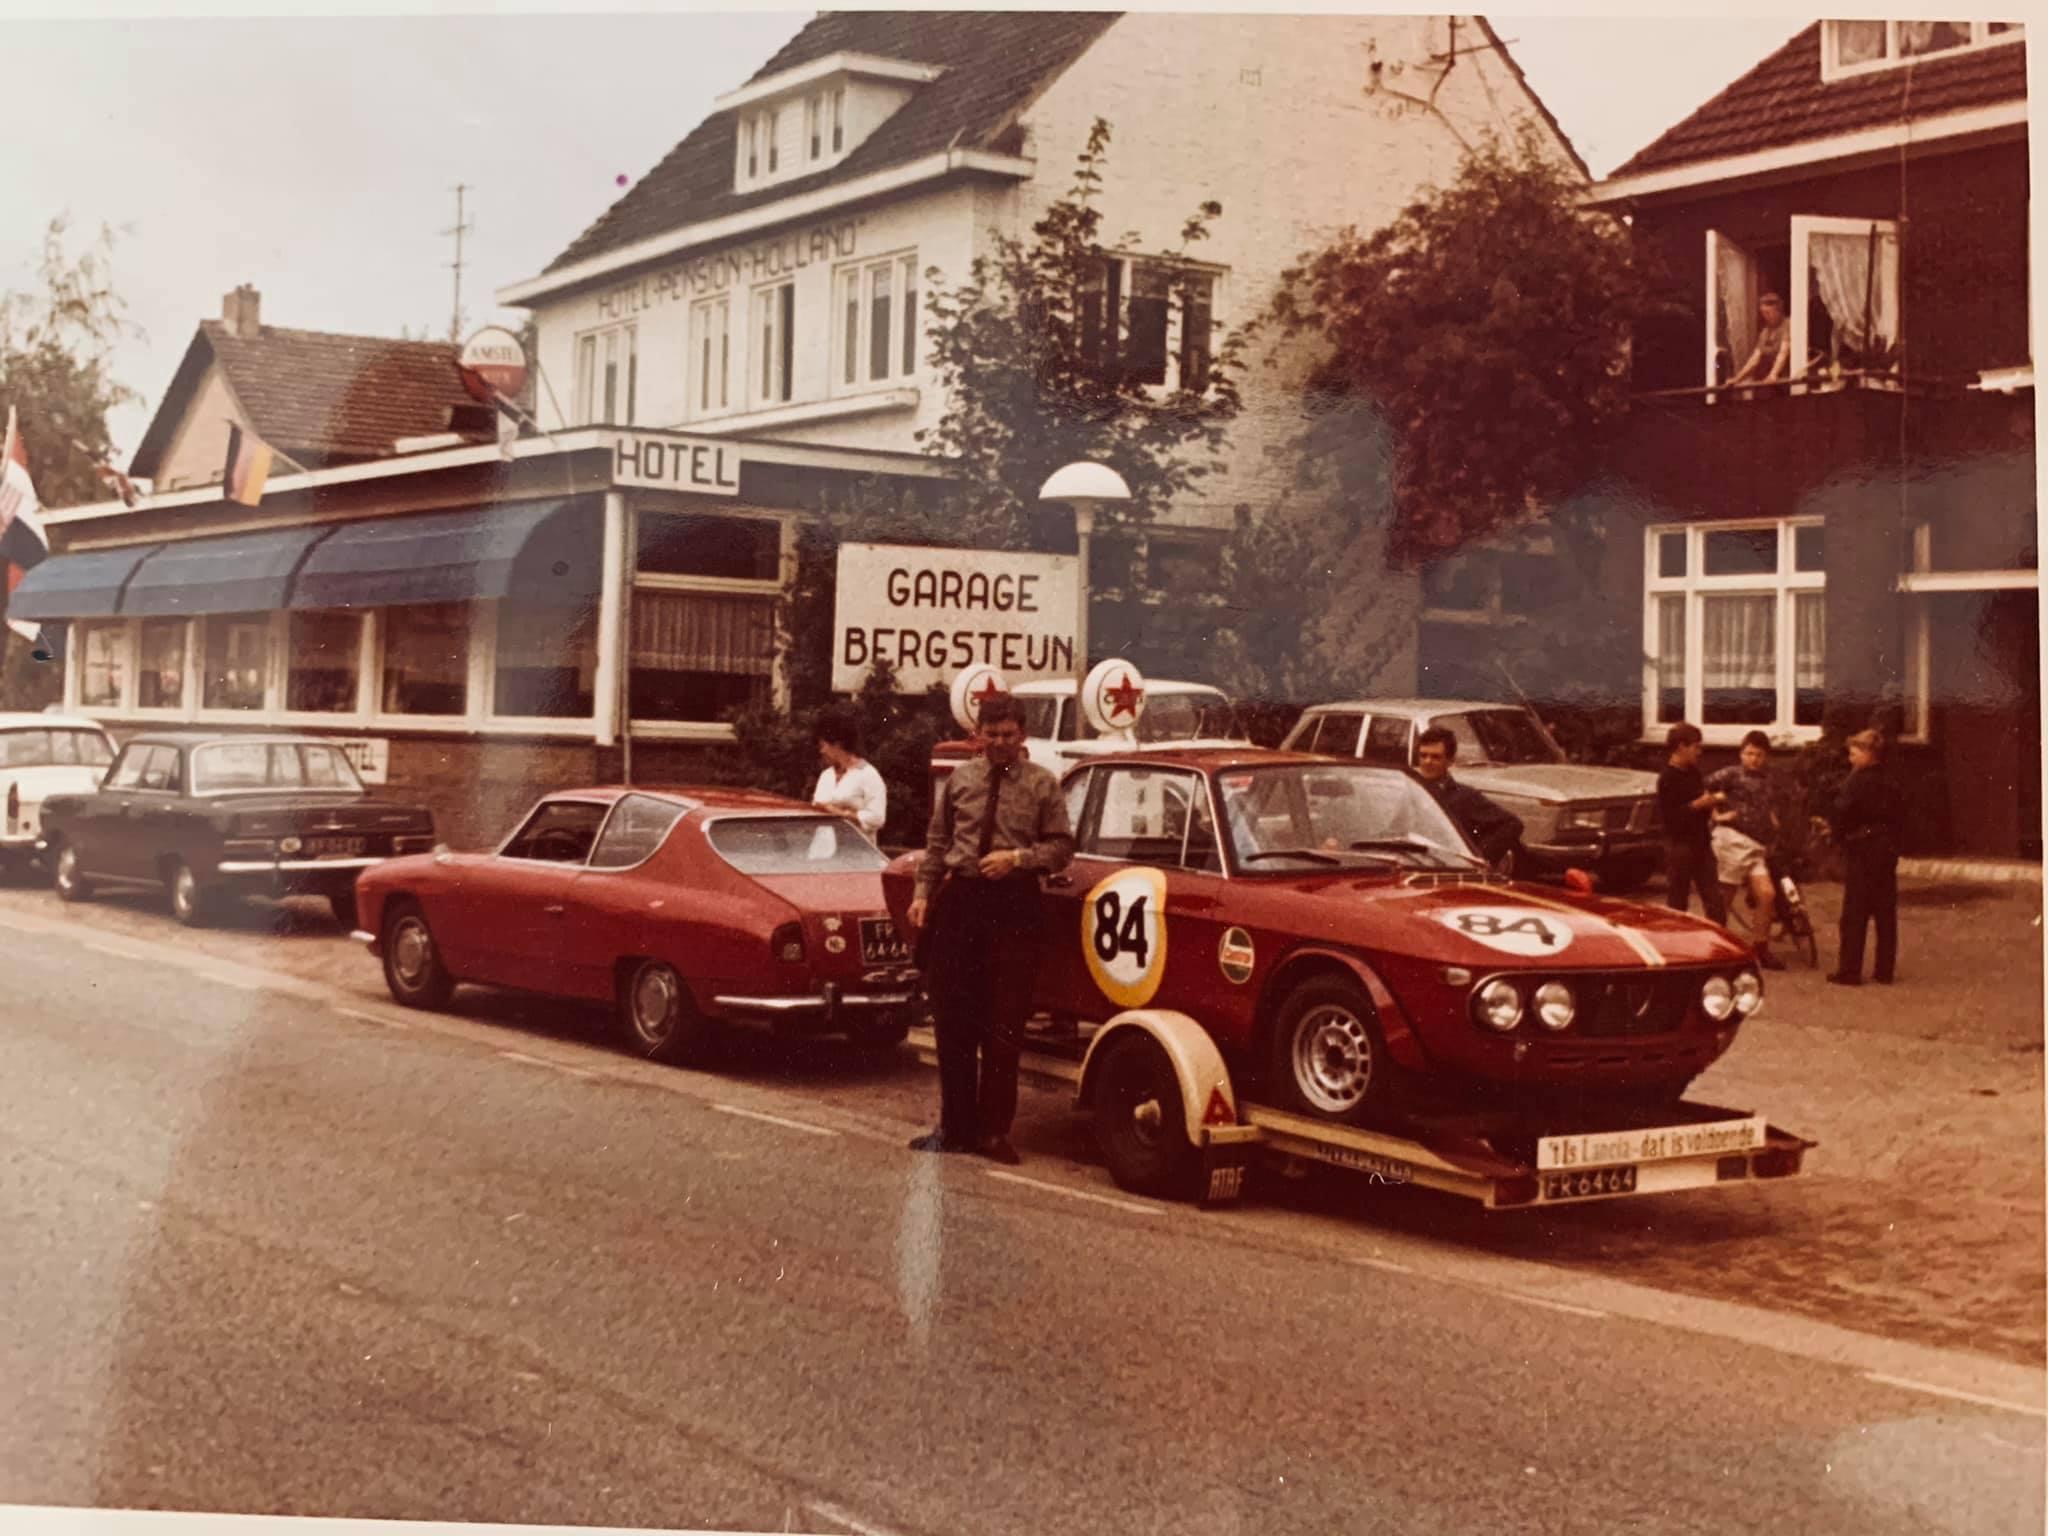 Caltex-tankstation-voor-mijn-huidig-woonhuis-in-1968-vader-staat-klaar-voor-vertrek-voor-de-start-van-de-24-uren-van-Francorchamps--Met-hun-Lancia-Fulvia-HF-1300-(5)